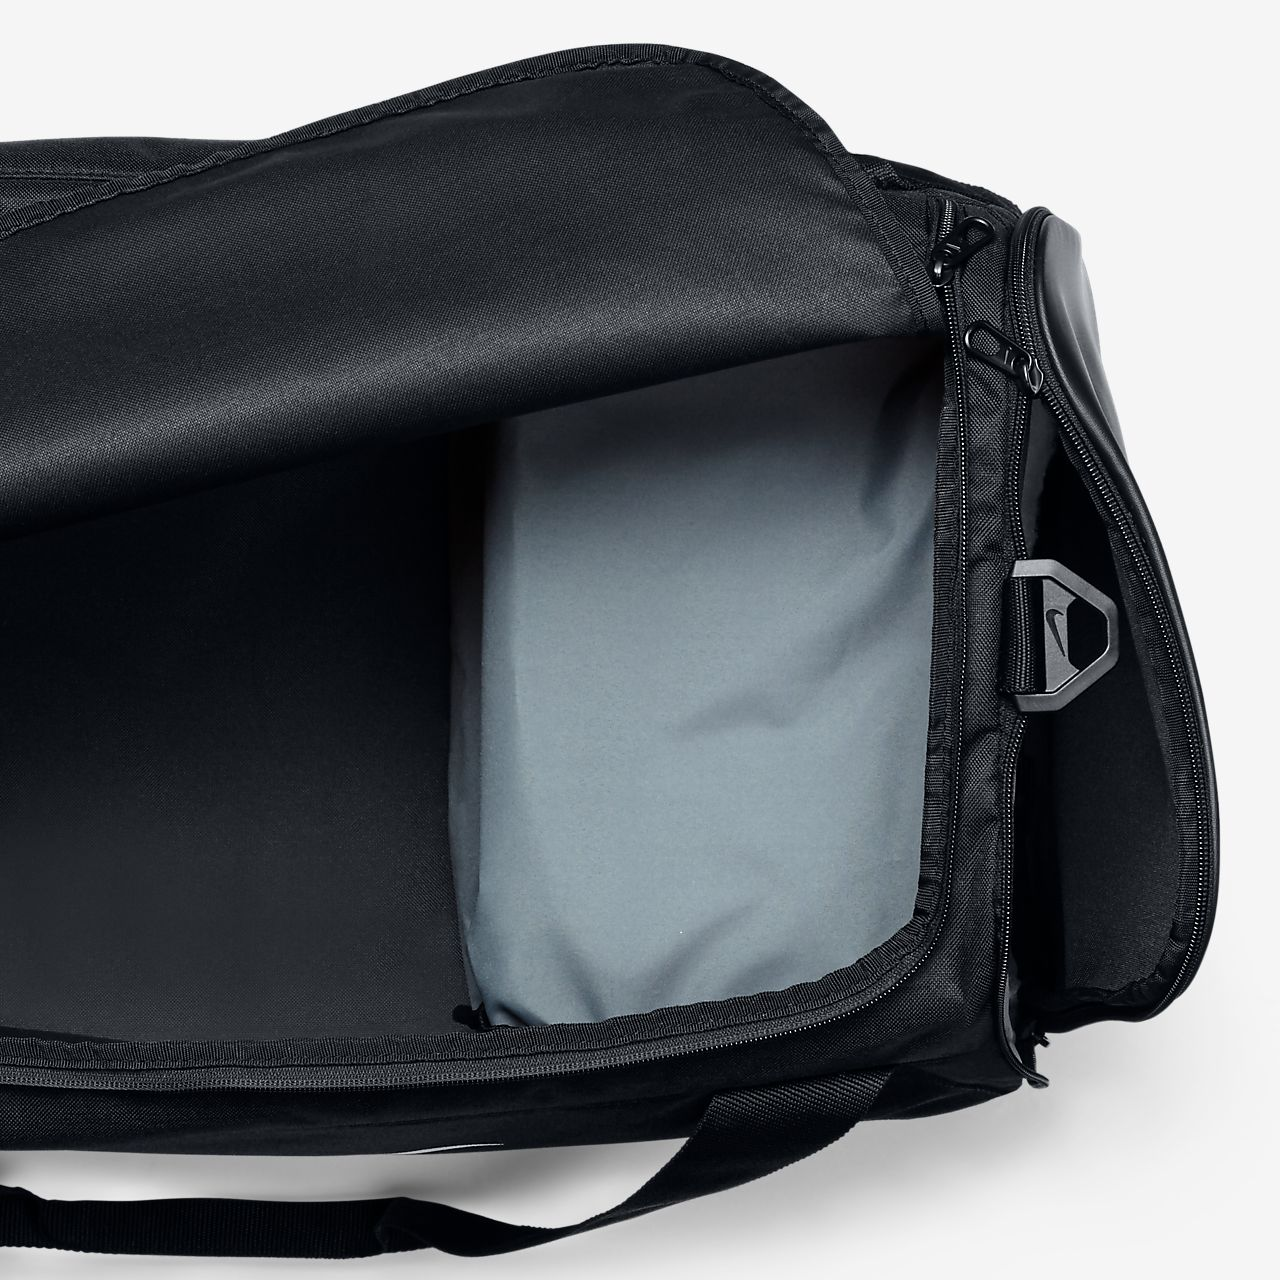 4abcd81dd8 ... Τσάντα γυμναστηρίου για προπόνηση Nike Brasilia (μέγεθος Large)